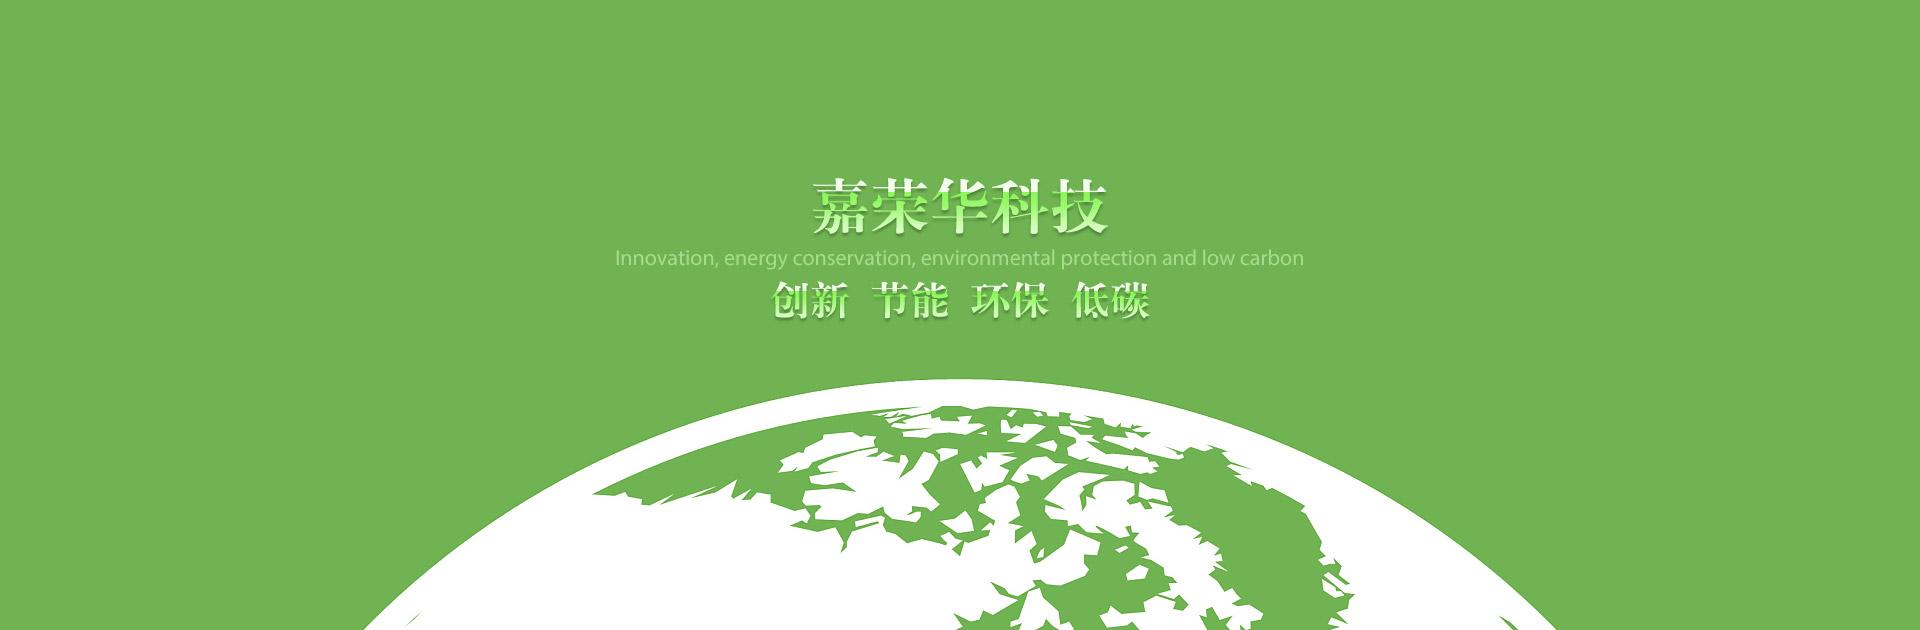 节能 环保 低碳生活